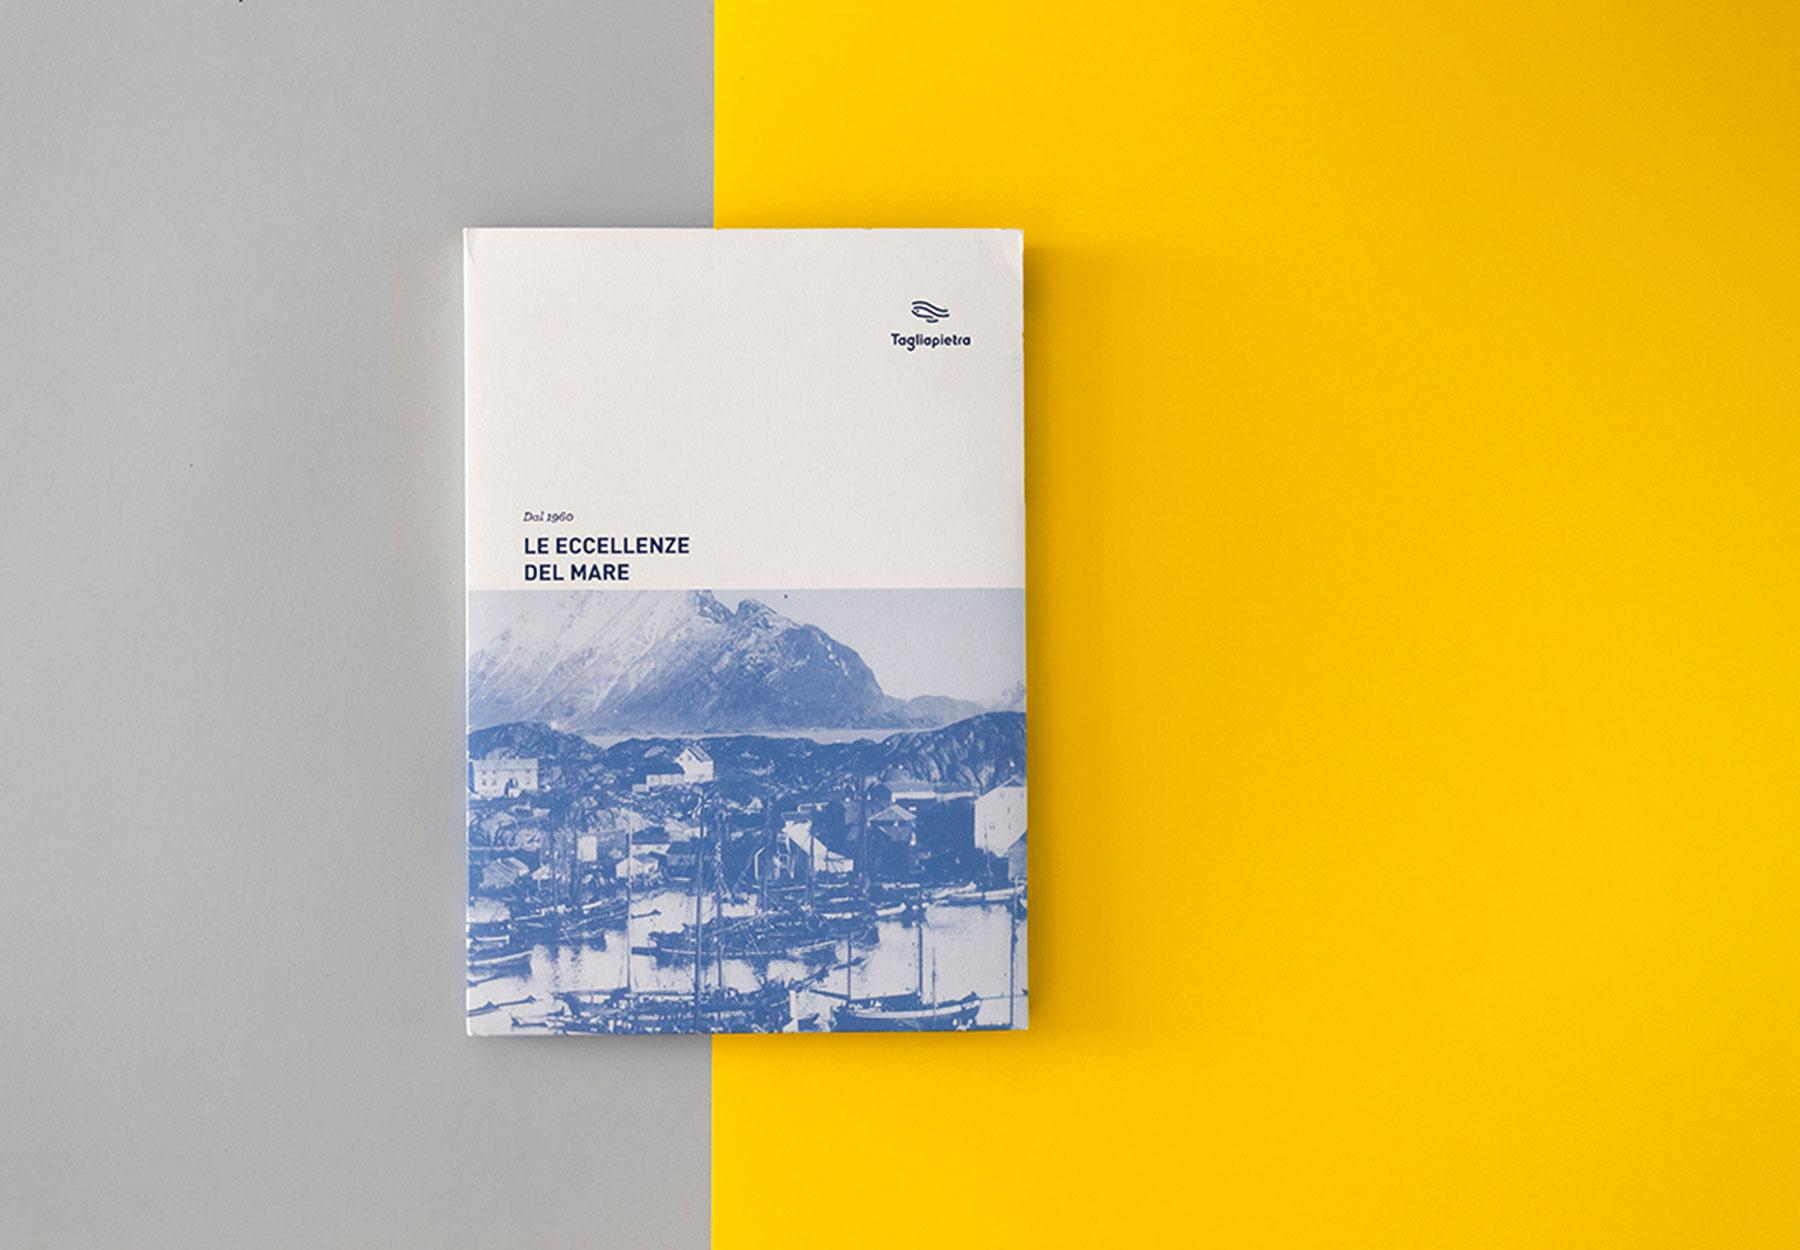 design profilo aziendale tagliapietra-Dry Studio